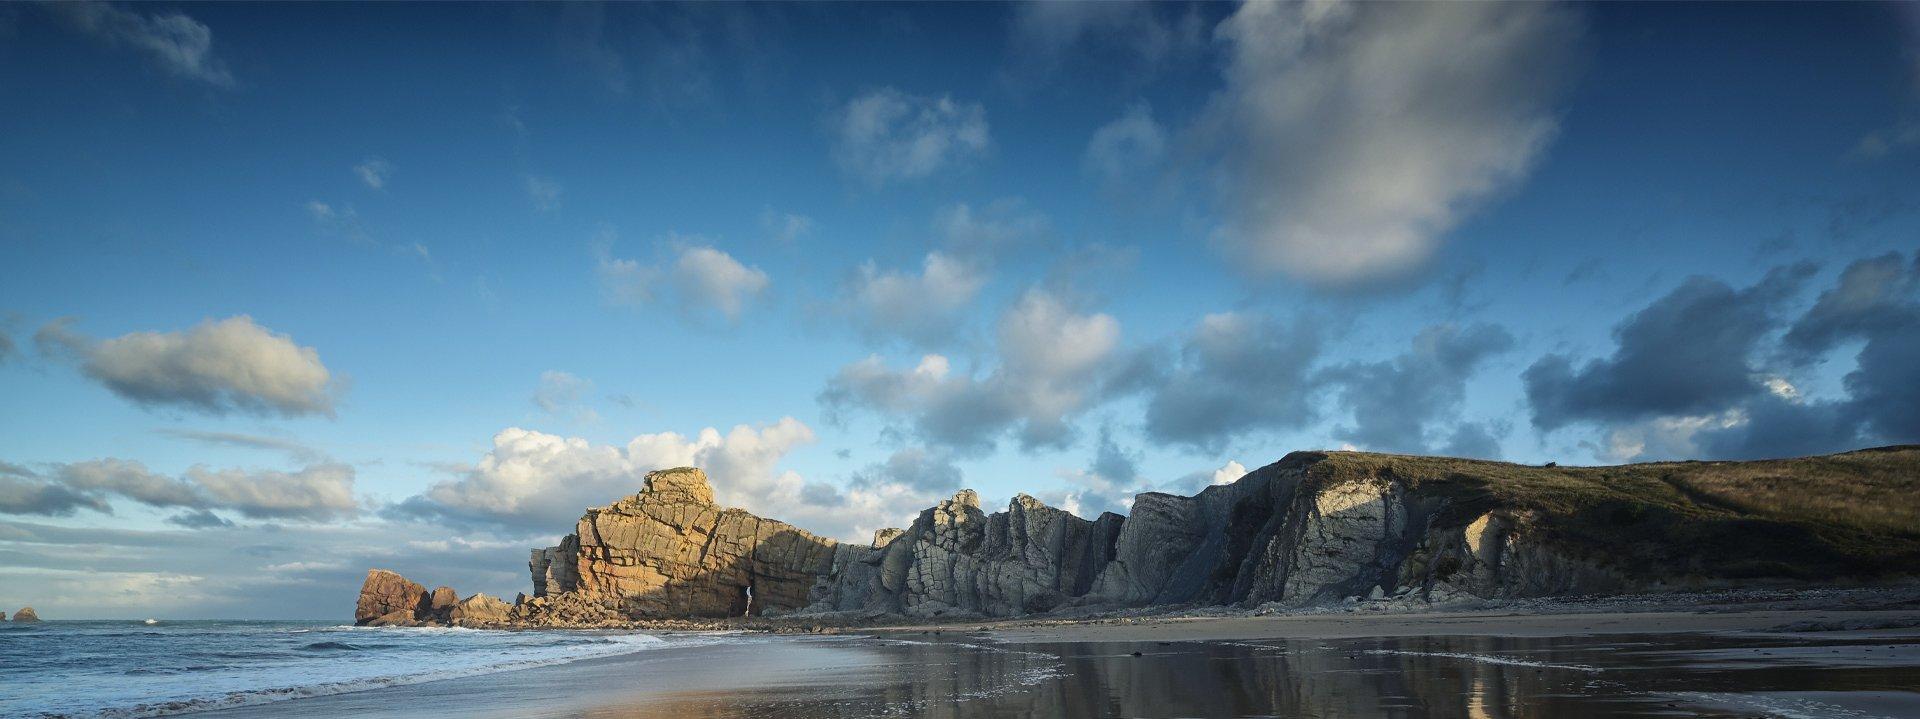 pláž a skaly